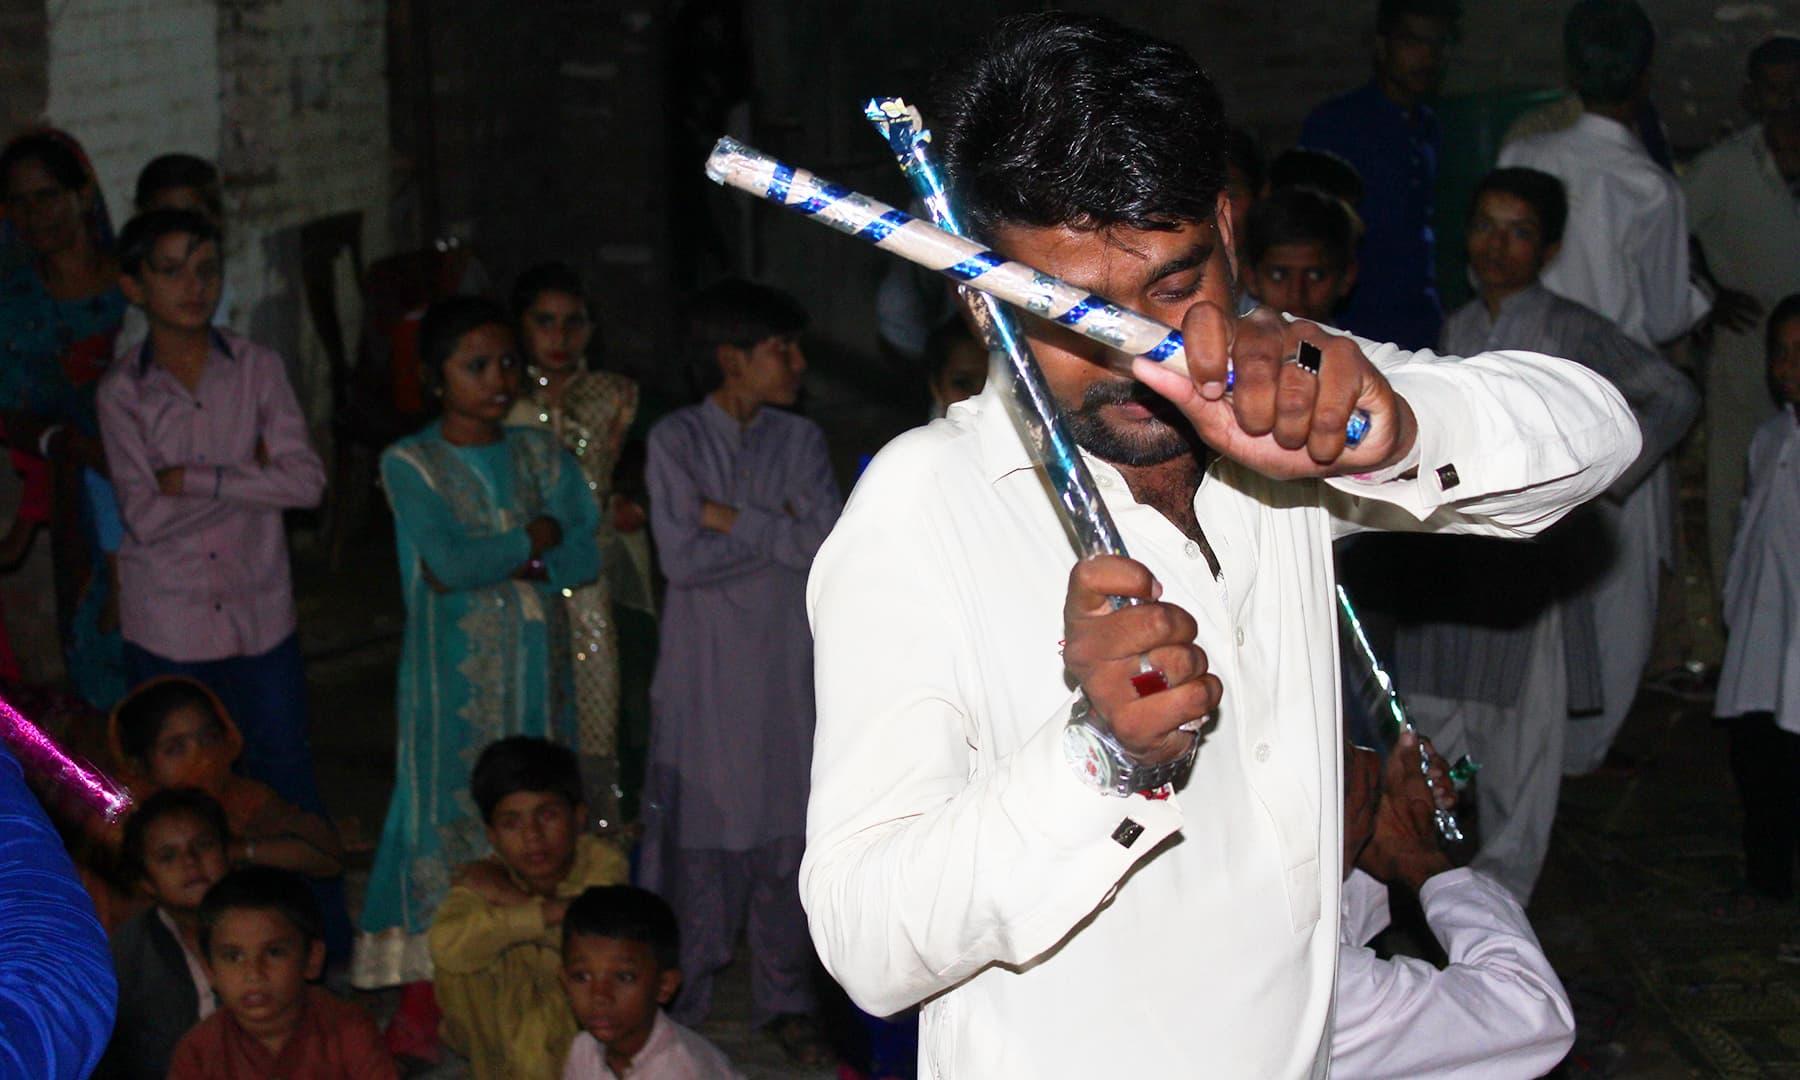 رقص میں بچوں کے ساتھ بڑے بھی شرکت کرتے ہیں۔— اختر حفیظ